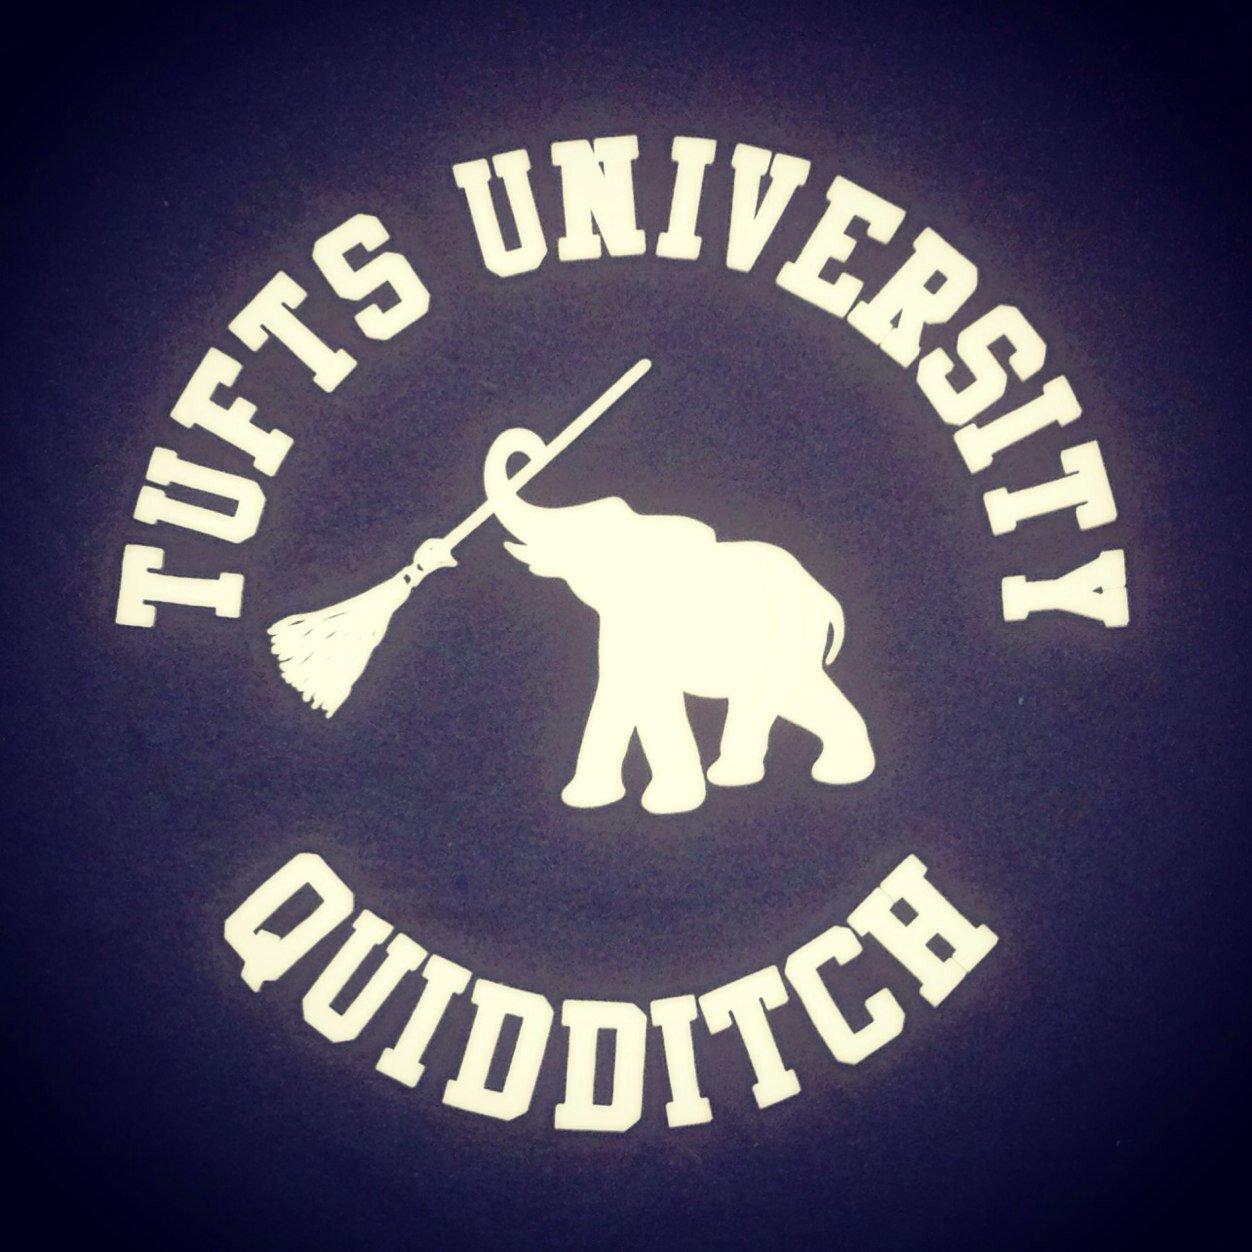 tufts quidditch